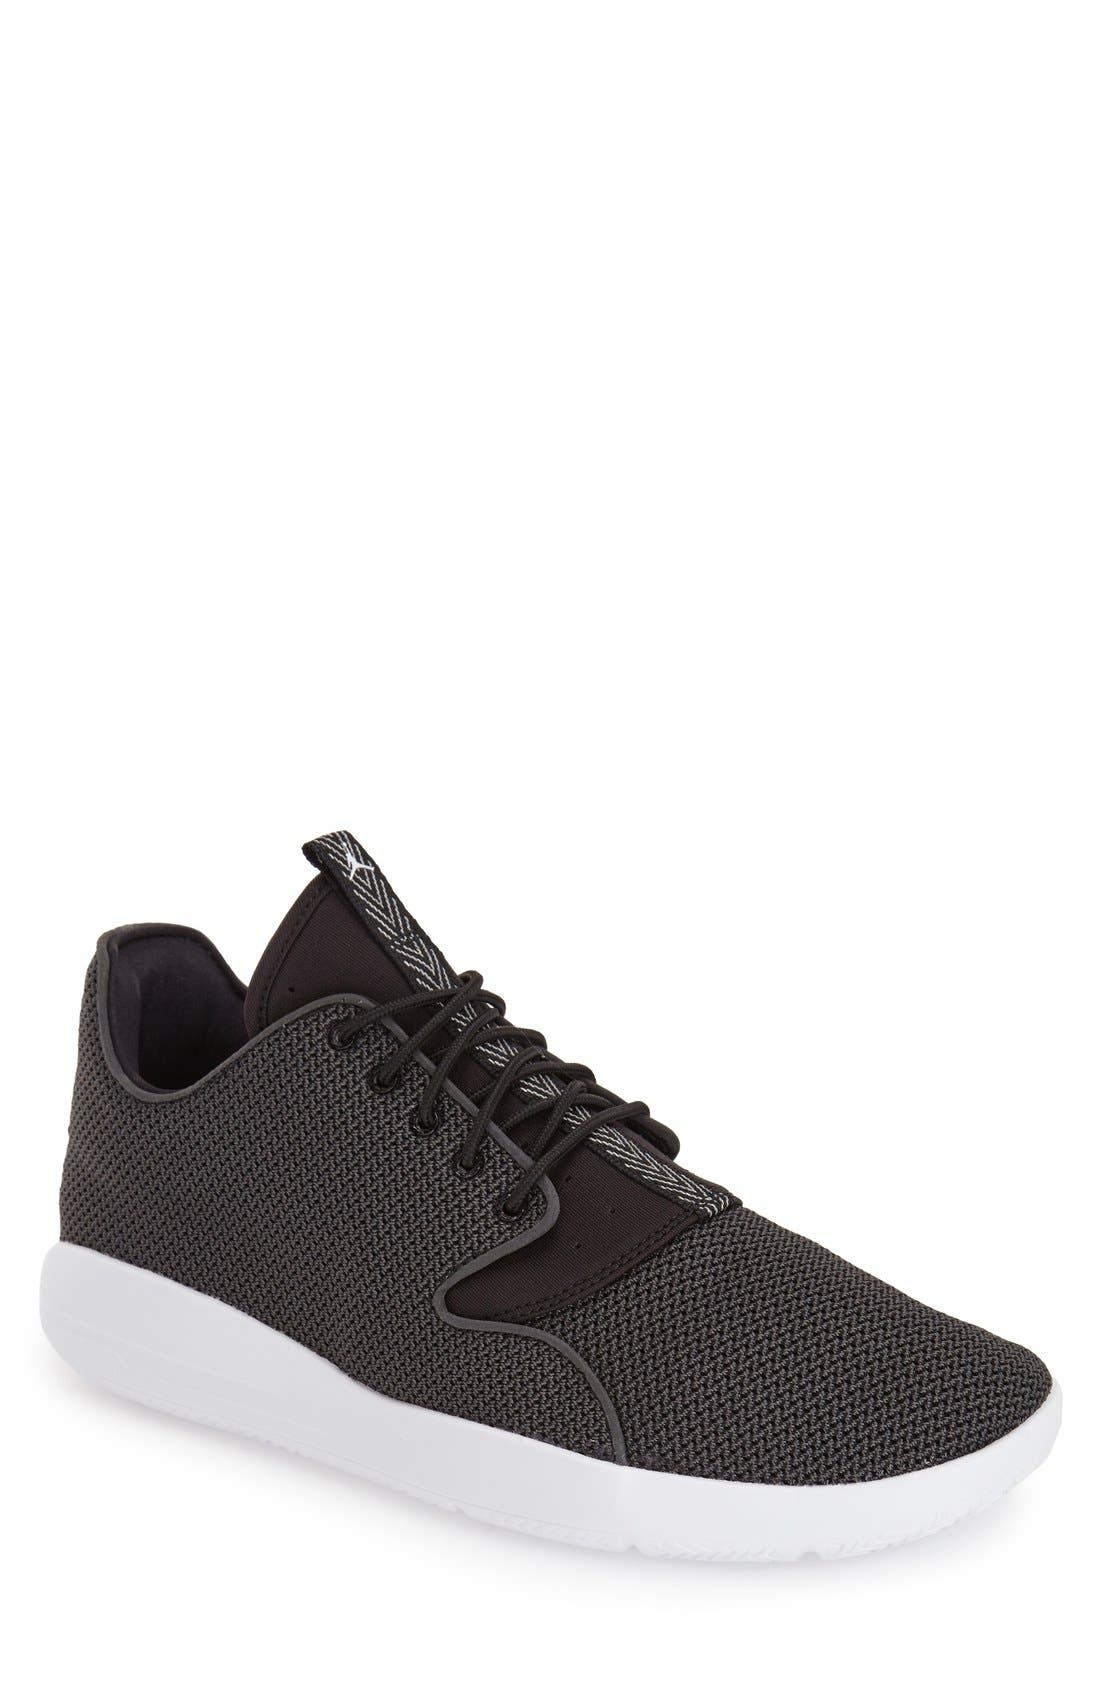 Main Image - Nike 'Jordan Eclipse' Sneaker (Men)